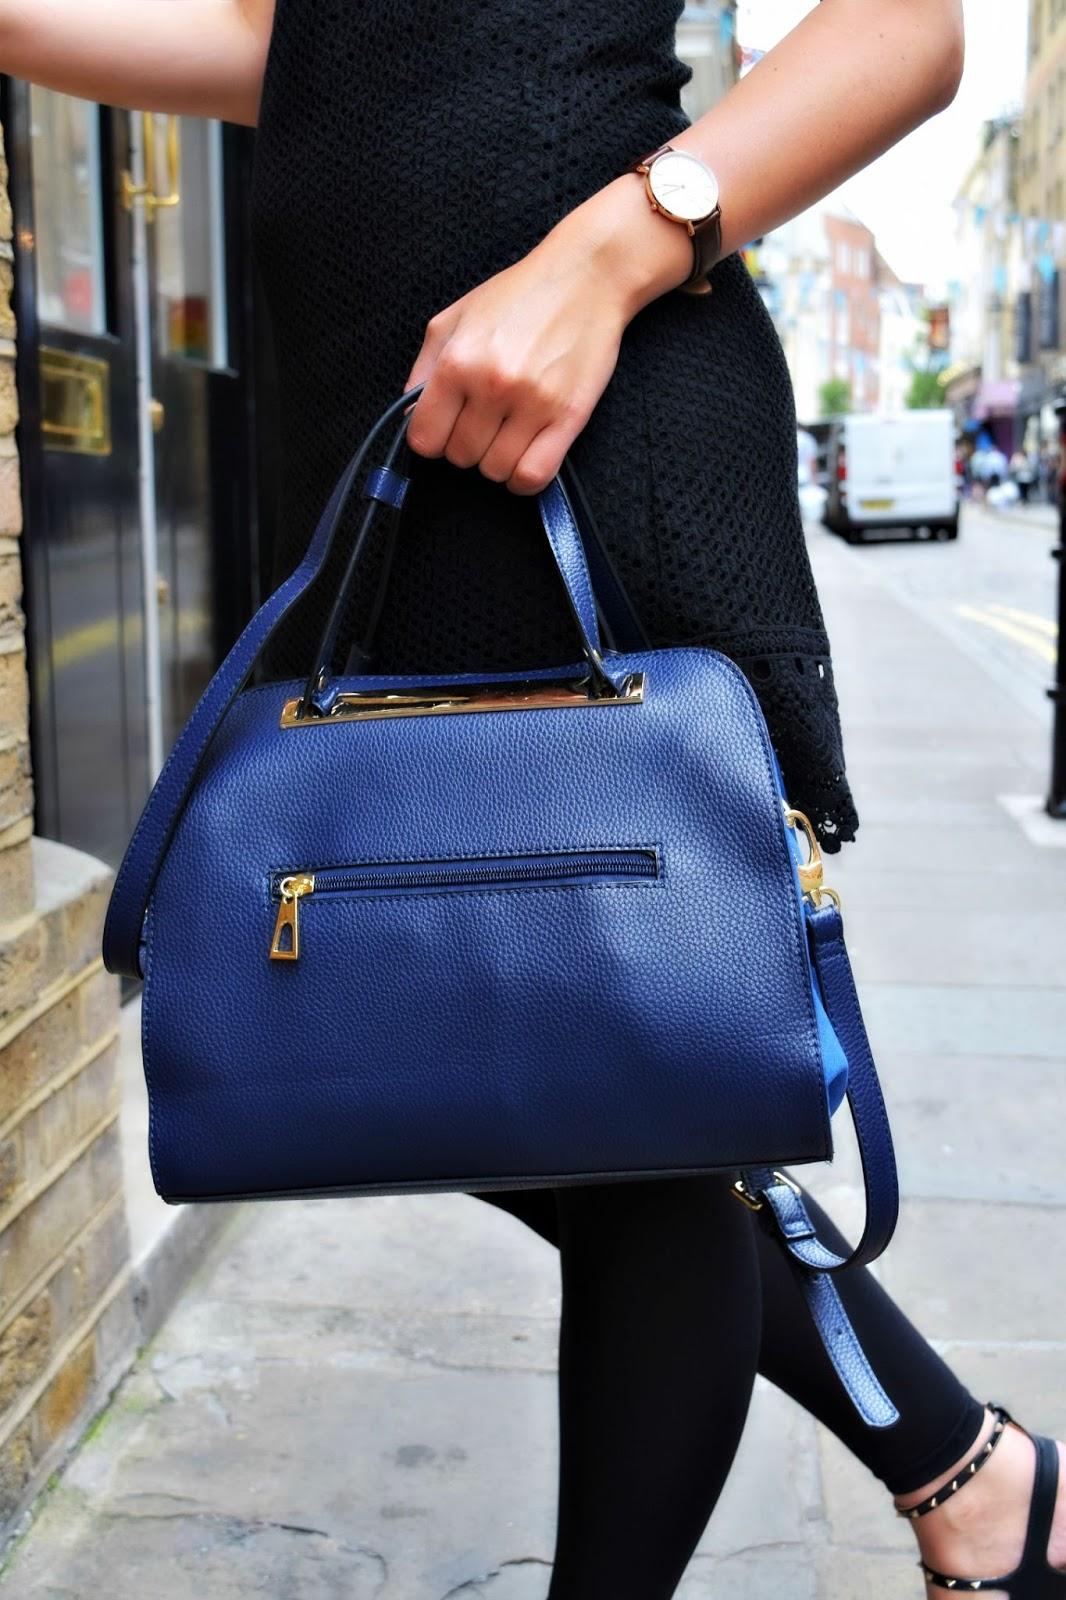 Handbag for DSLR camera